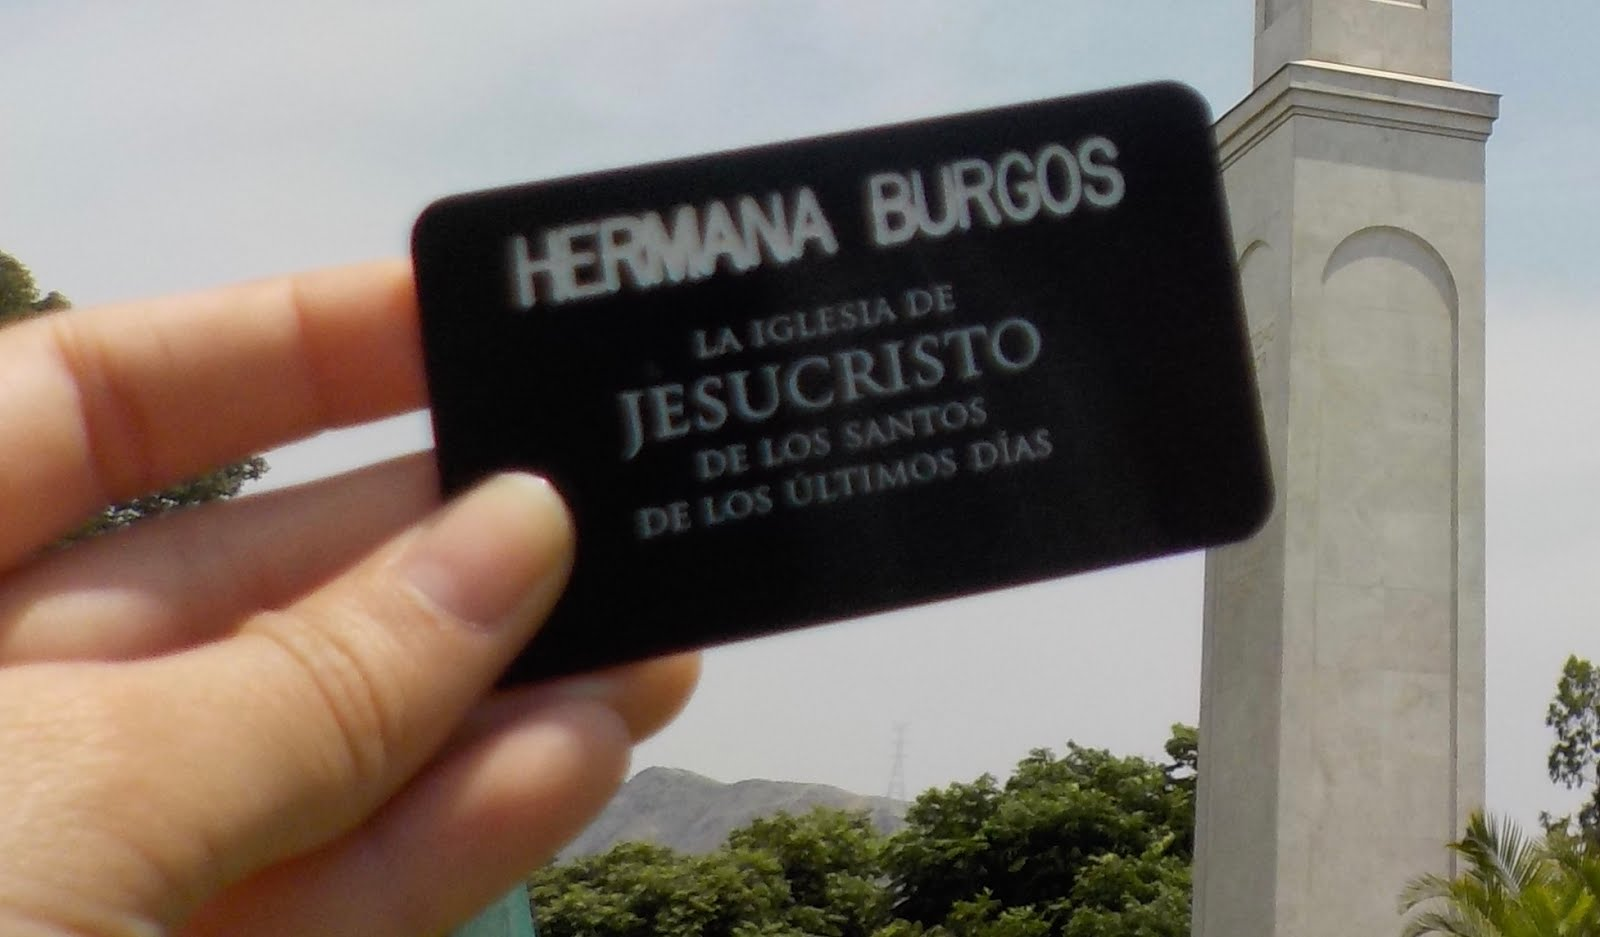 Sister Burgos